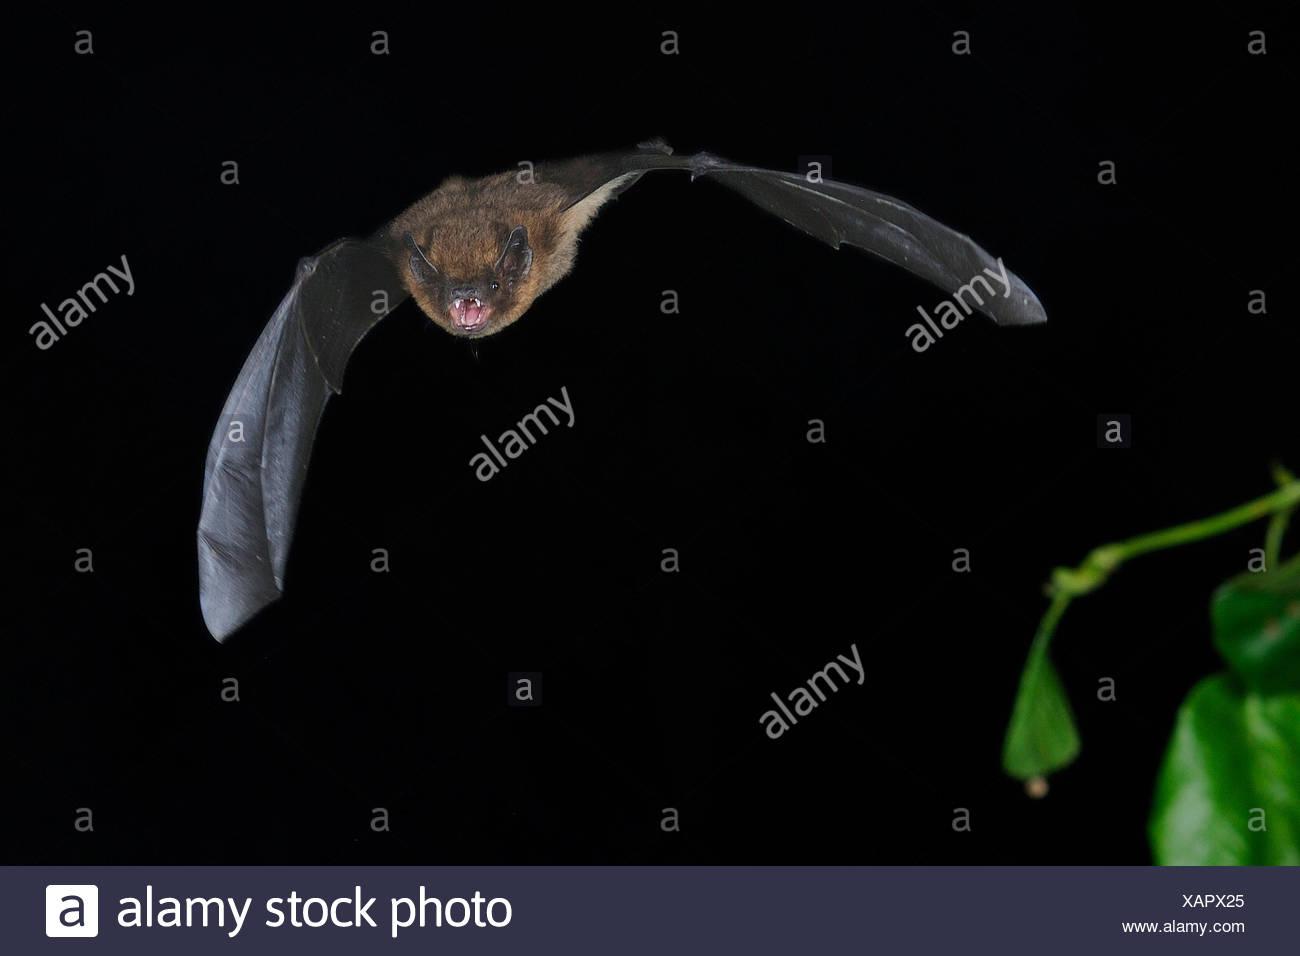 Zwergfledermaus im Flug aus dem Schlafplatz, Sennestadt, NRW, Deutschland - Stock Image